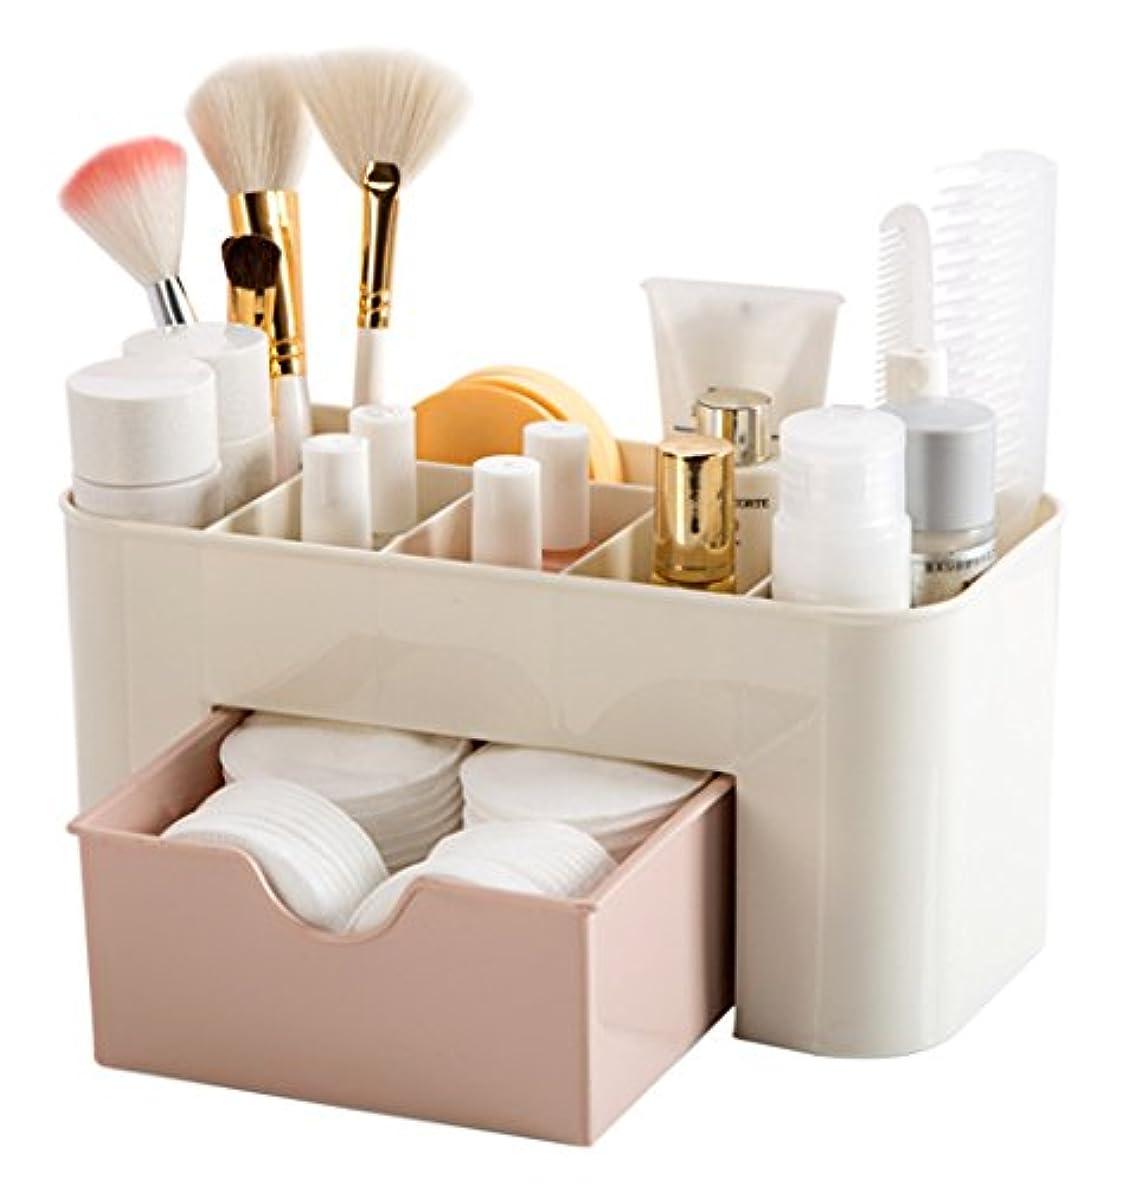 マントル特異なメキシコZUOMA メークボックス 化粧品収納ボックス コスメスタンド 引き出し式 メークケース 小物/化粧品入れ コスメ収納 透明アクリル 大容量 (ピンク、22*10*10.3CM)